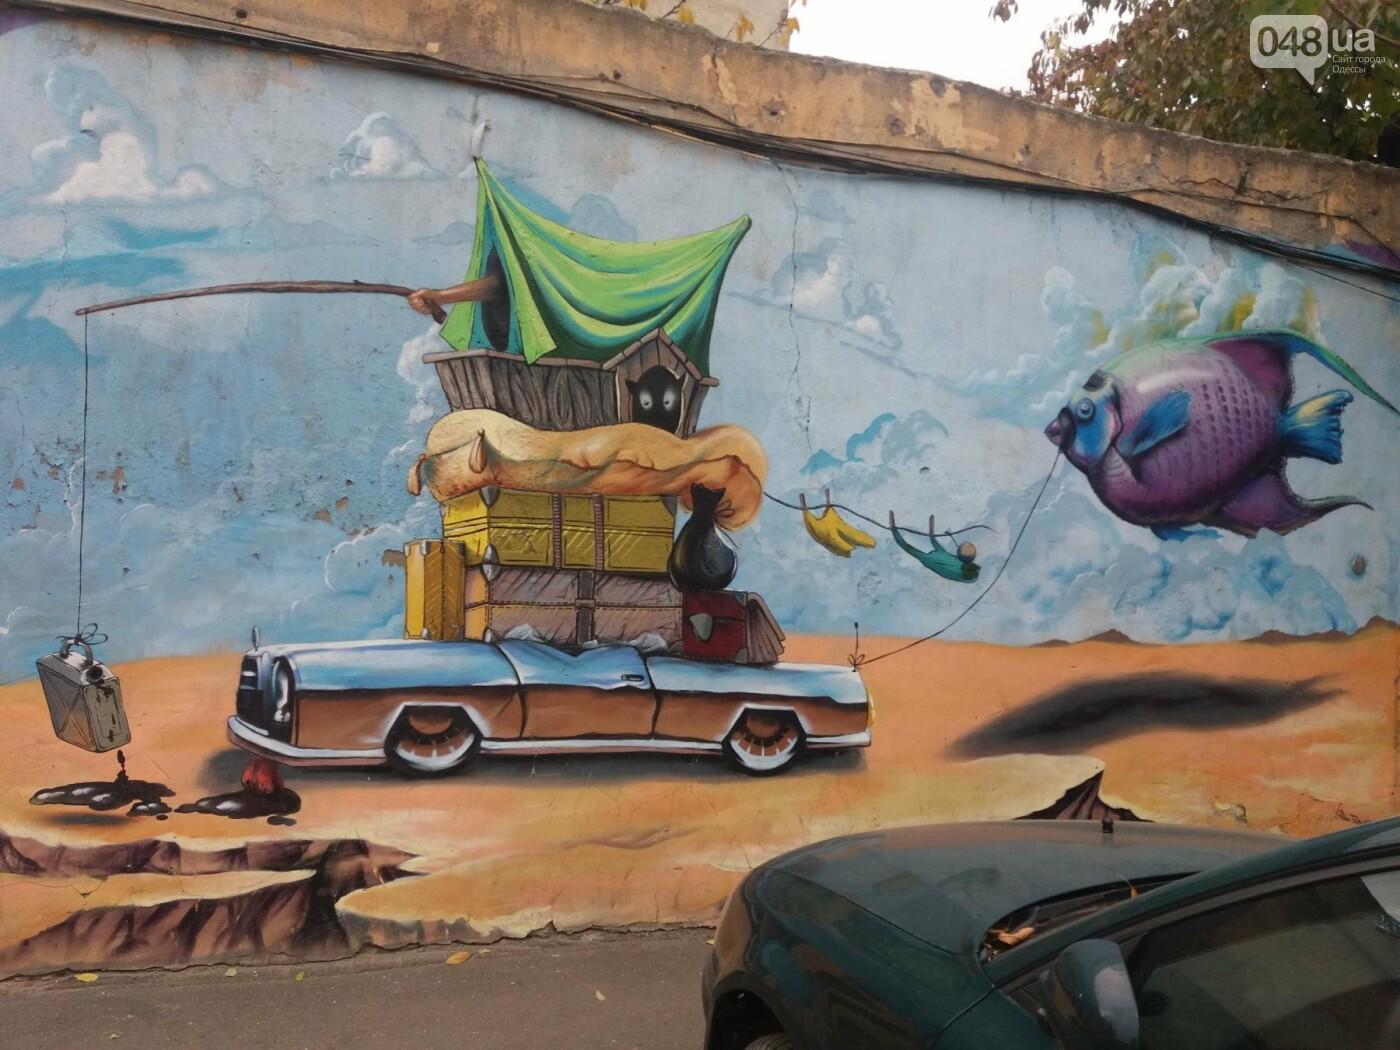 В центре Одессы обычную булочную превращают в шедевр граффити (ФОТО, ВИДЕО), фото-5